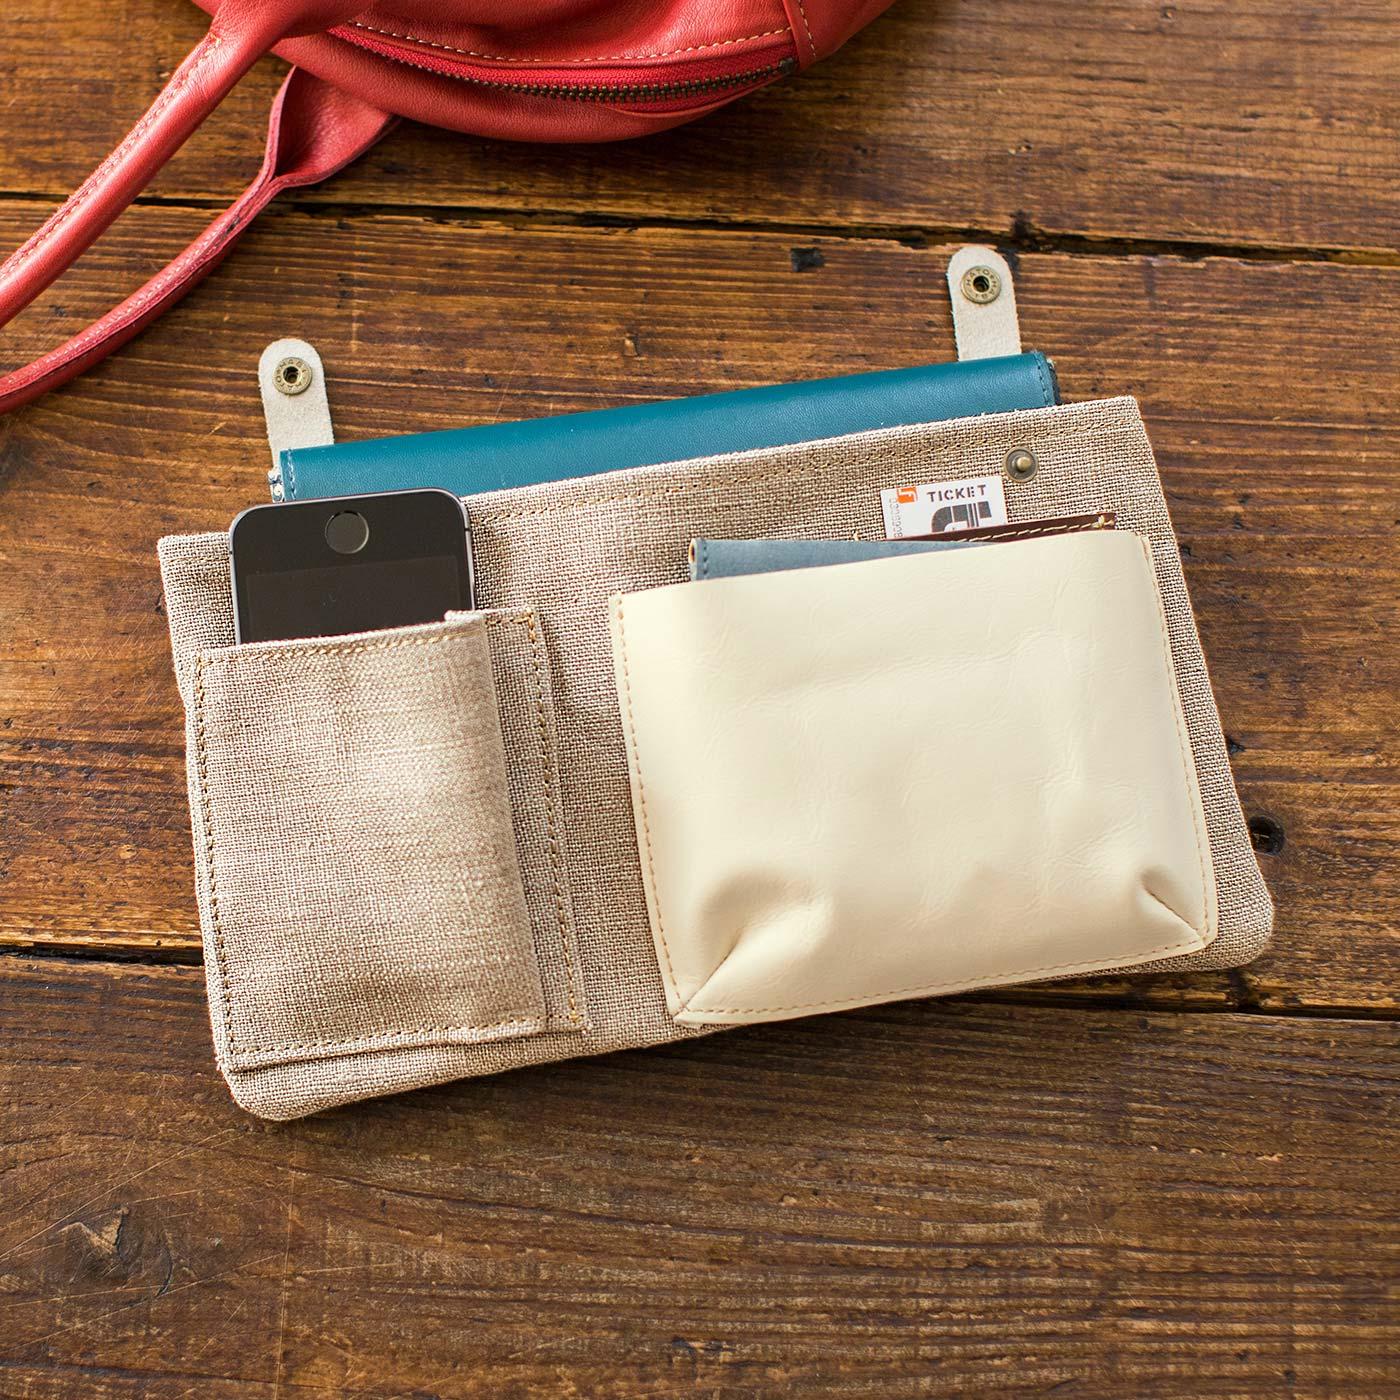 インナーポケットは取り外し可能なので、他のバッグへの移し替えもスムーズ。